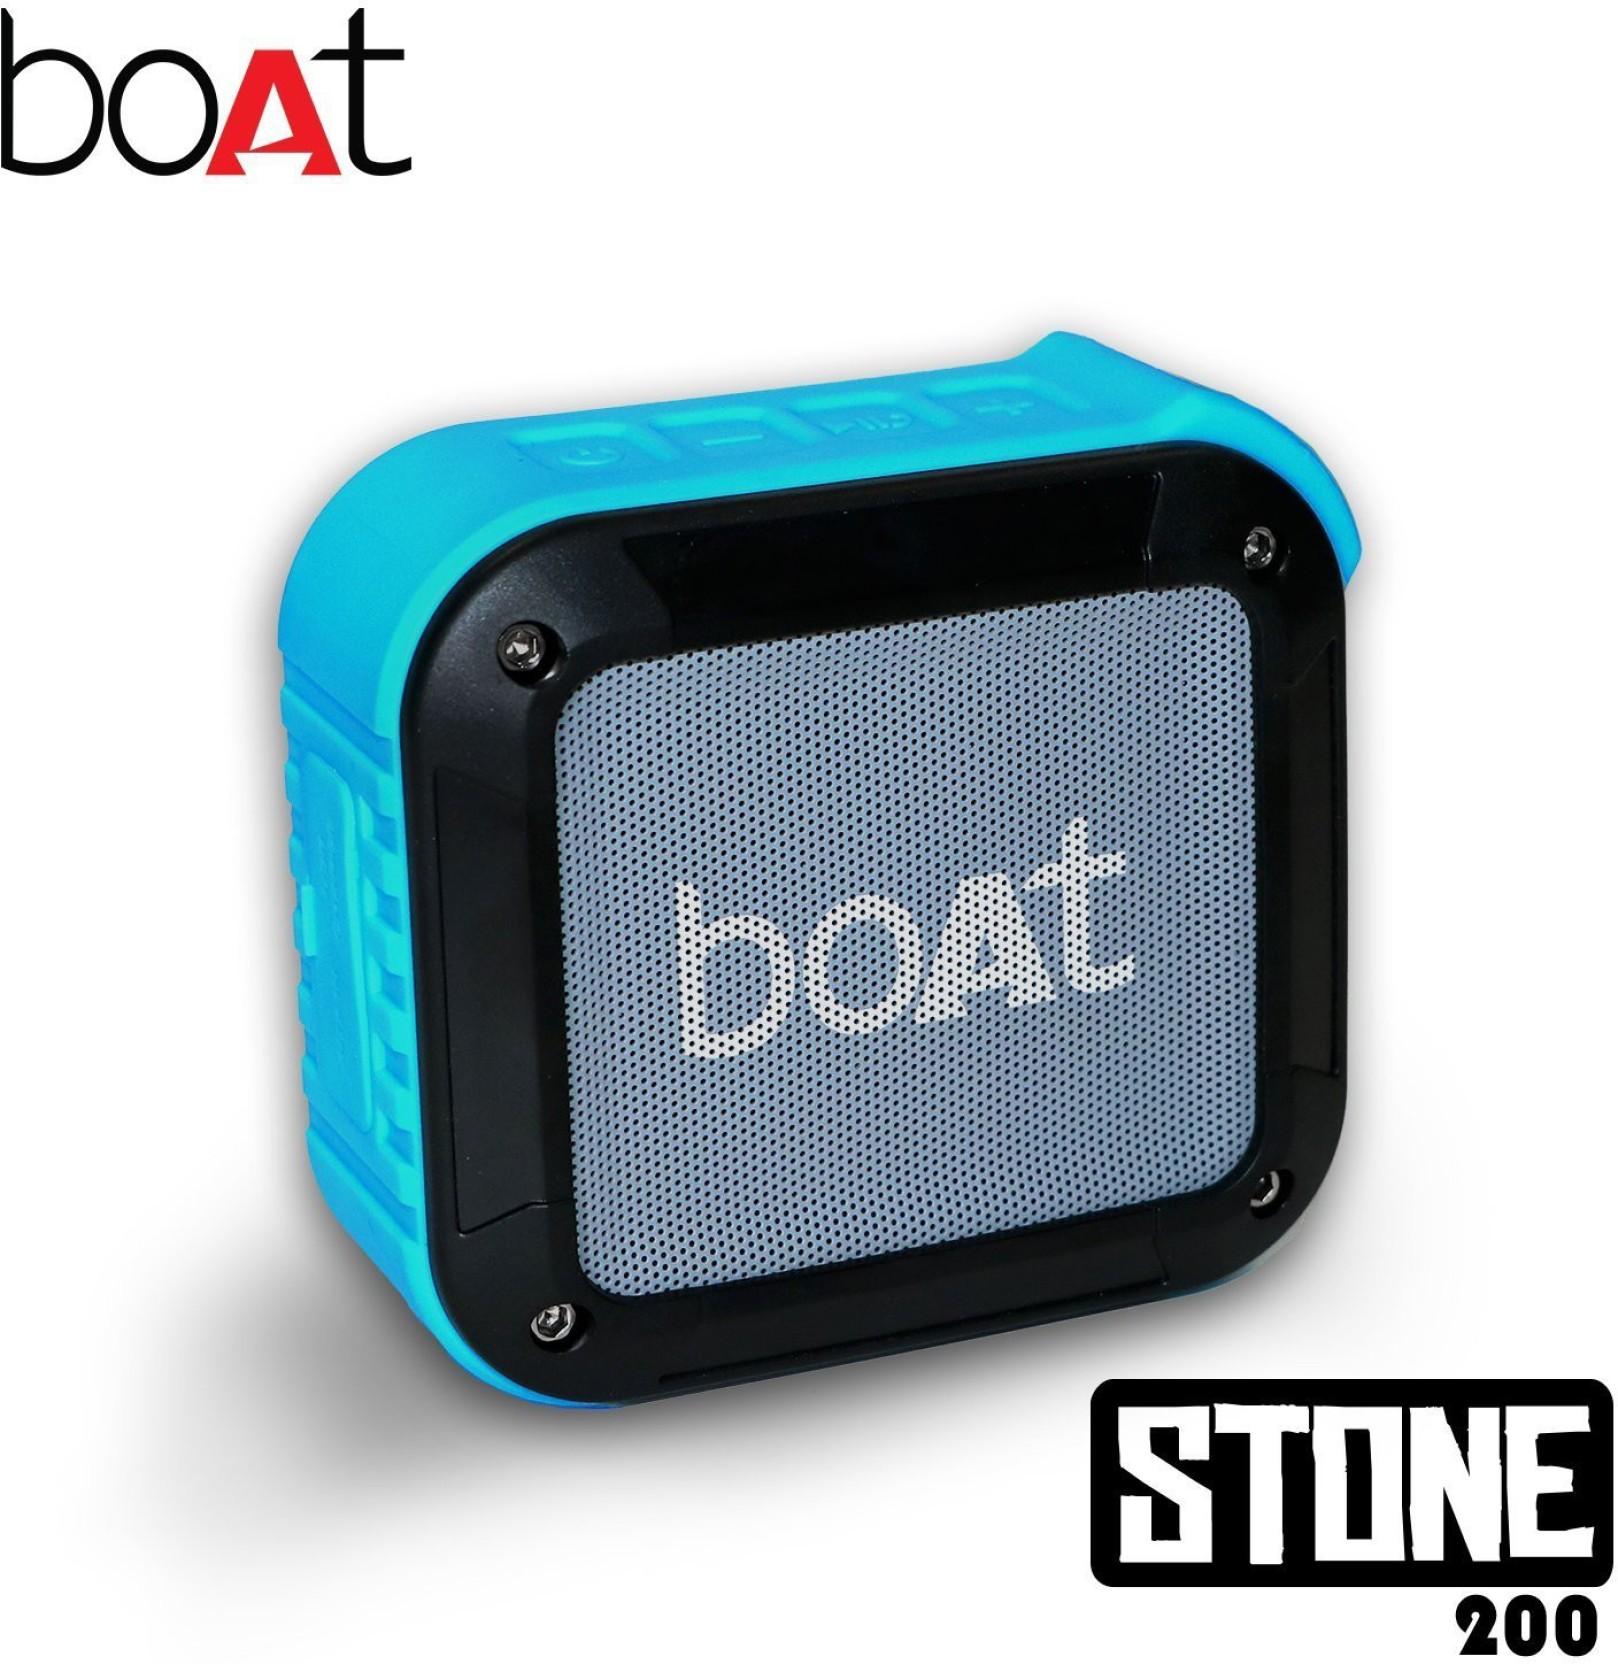 Buy BoAt Stone 200 Portable Bluetooth Mobile/Tablet Speaker Online From Flipkart.com